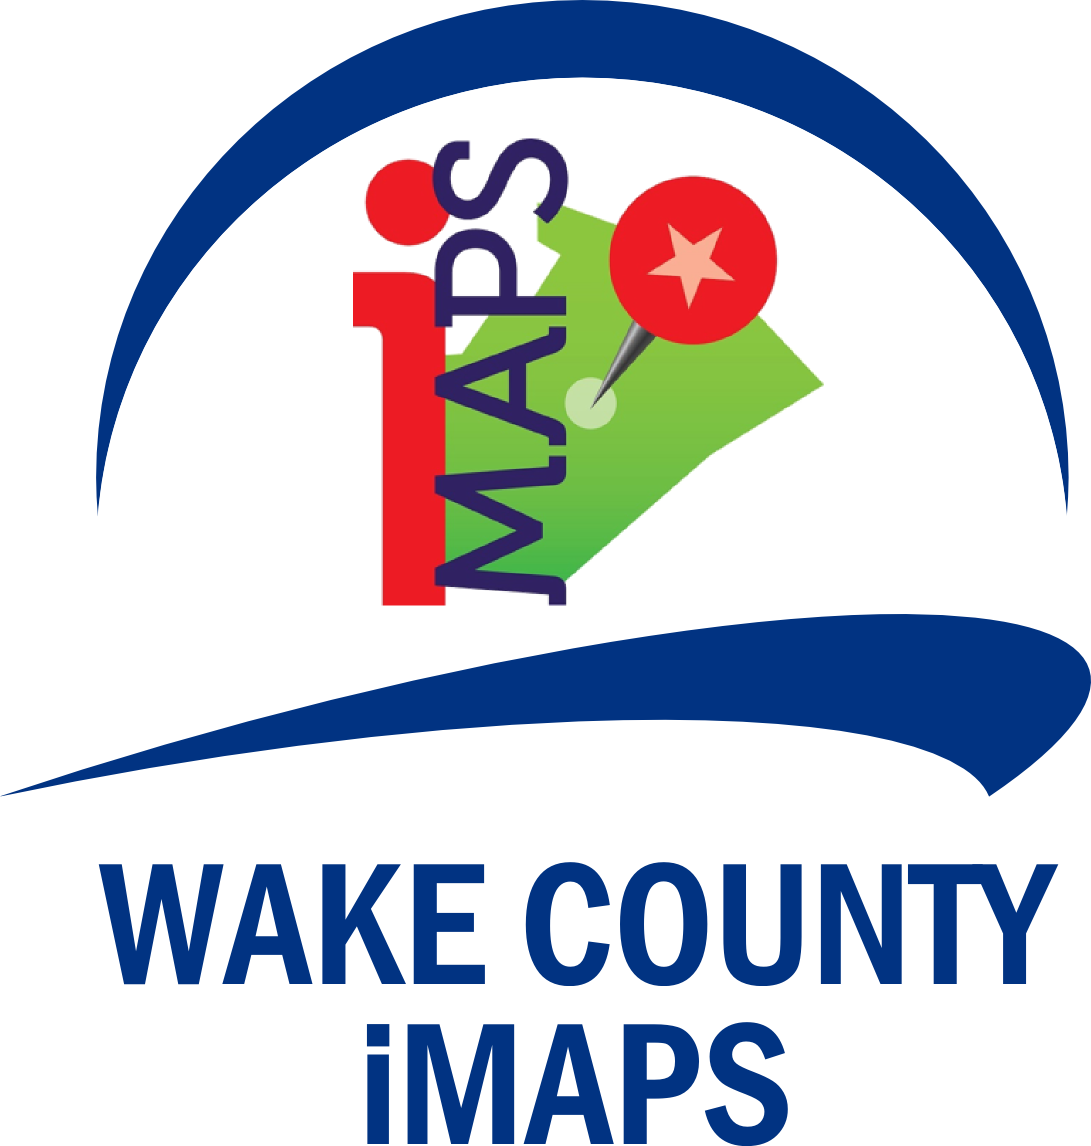 Wake County iMaps